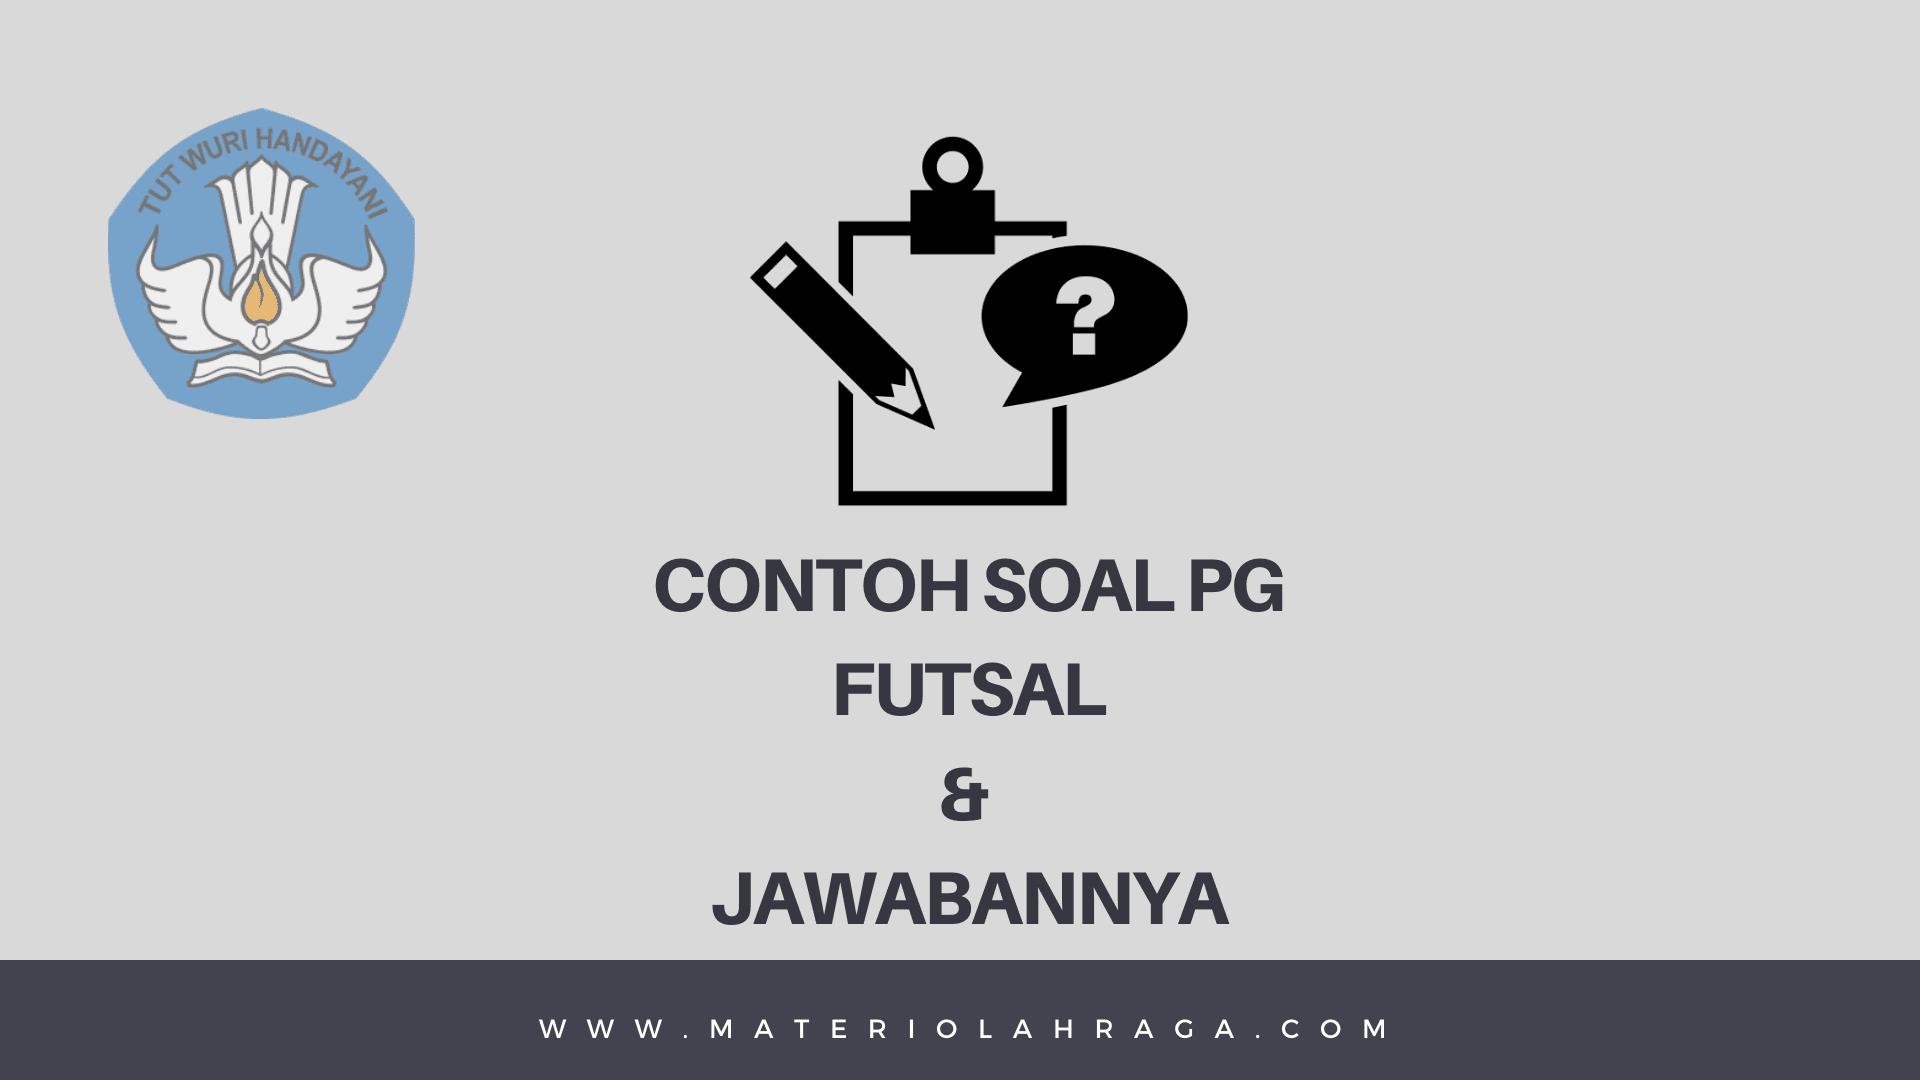 50 Contoh Soal Futsal Pilihan Ganda Beserta Jawabannya